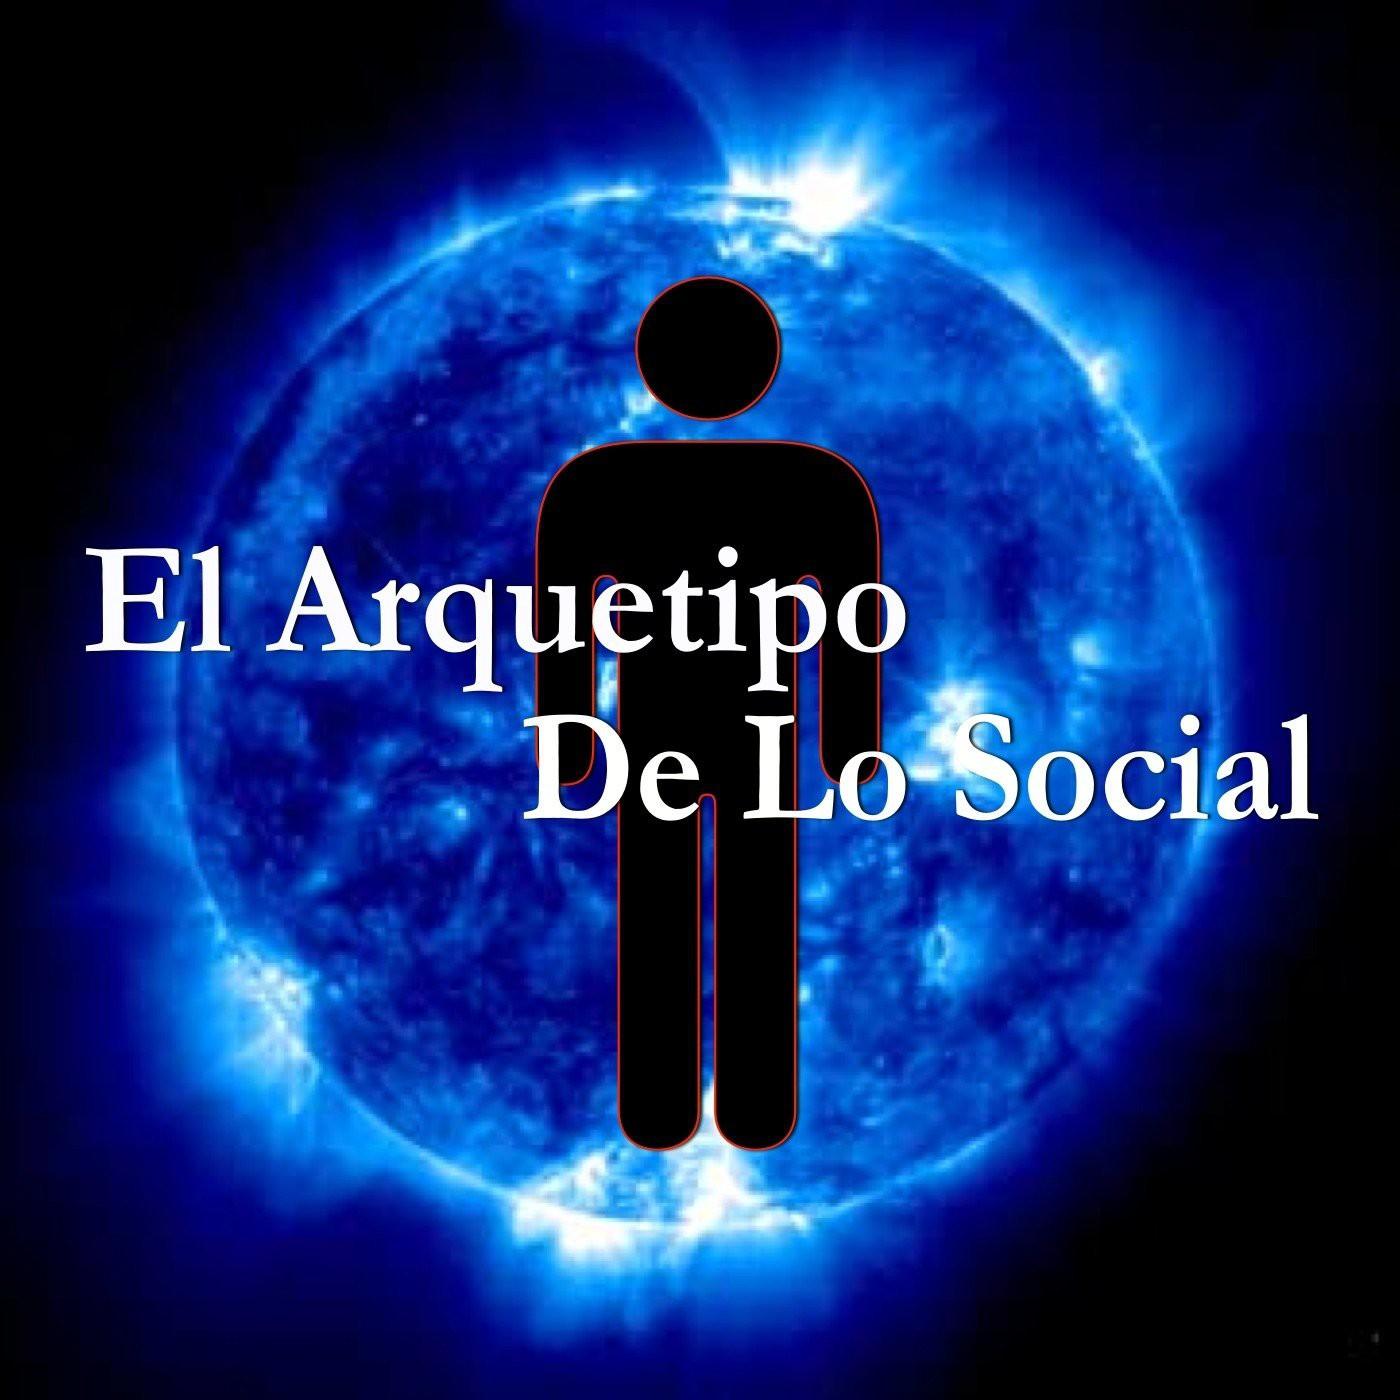 <![CDATA[El Arquetipo De Lo Social]]>